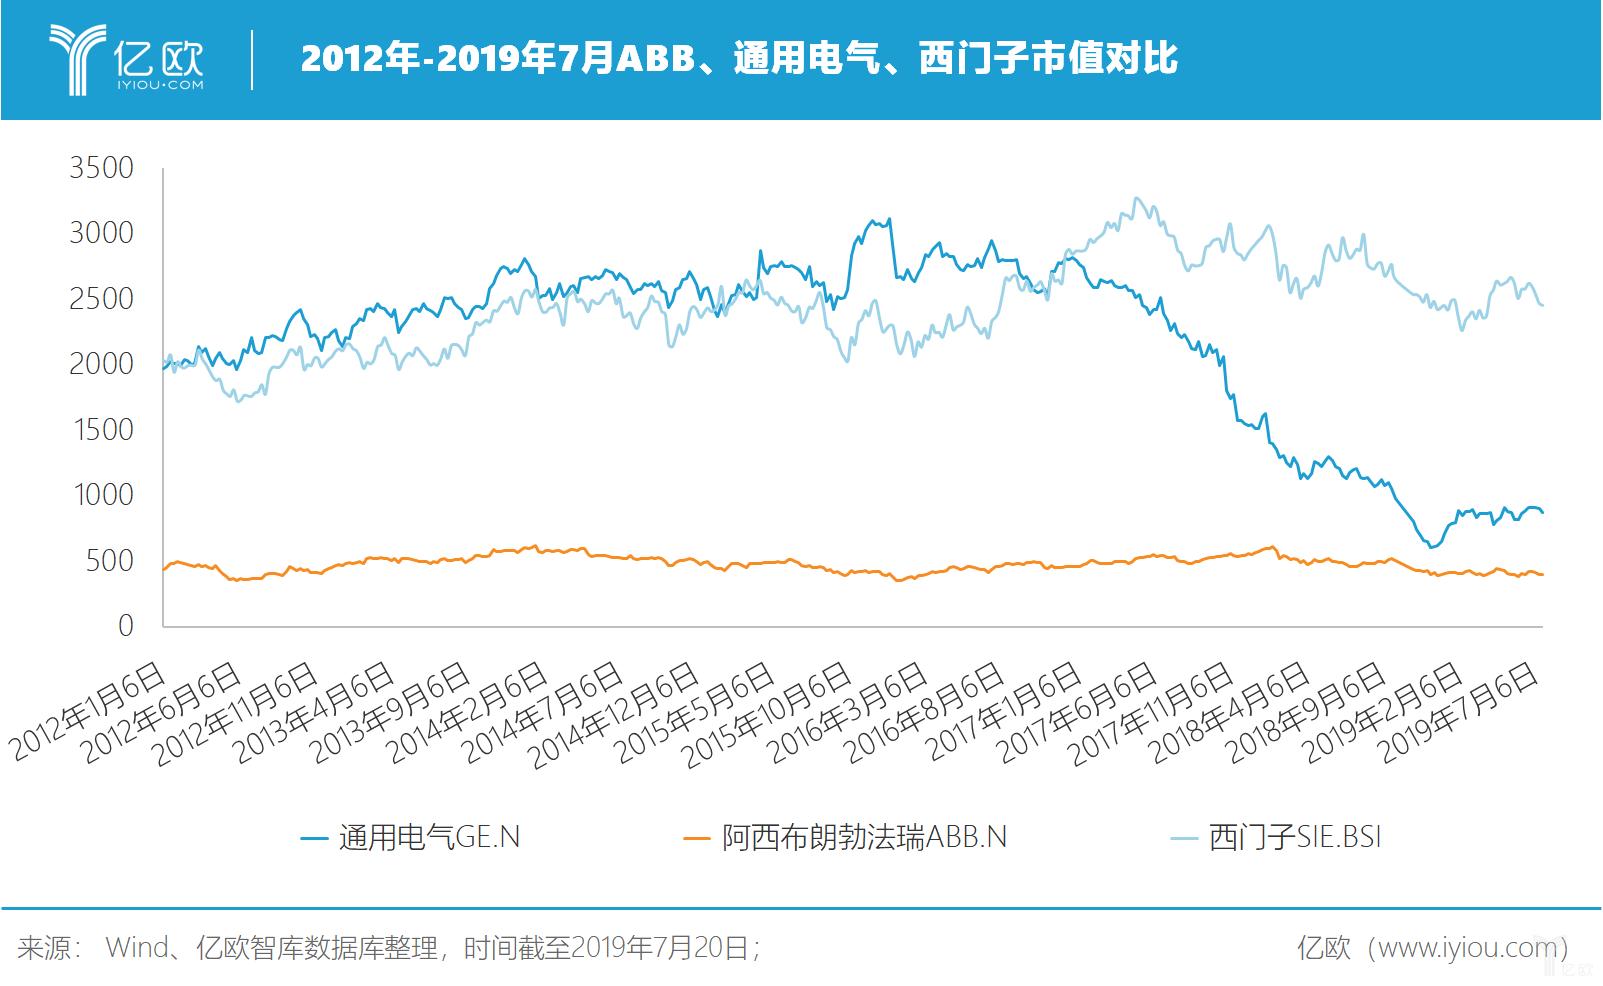 亿欧智库:2012-2019年7月ABB、GE、西门子市值对比